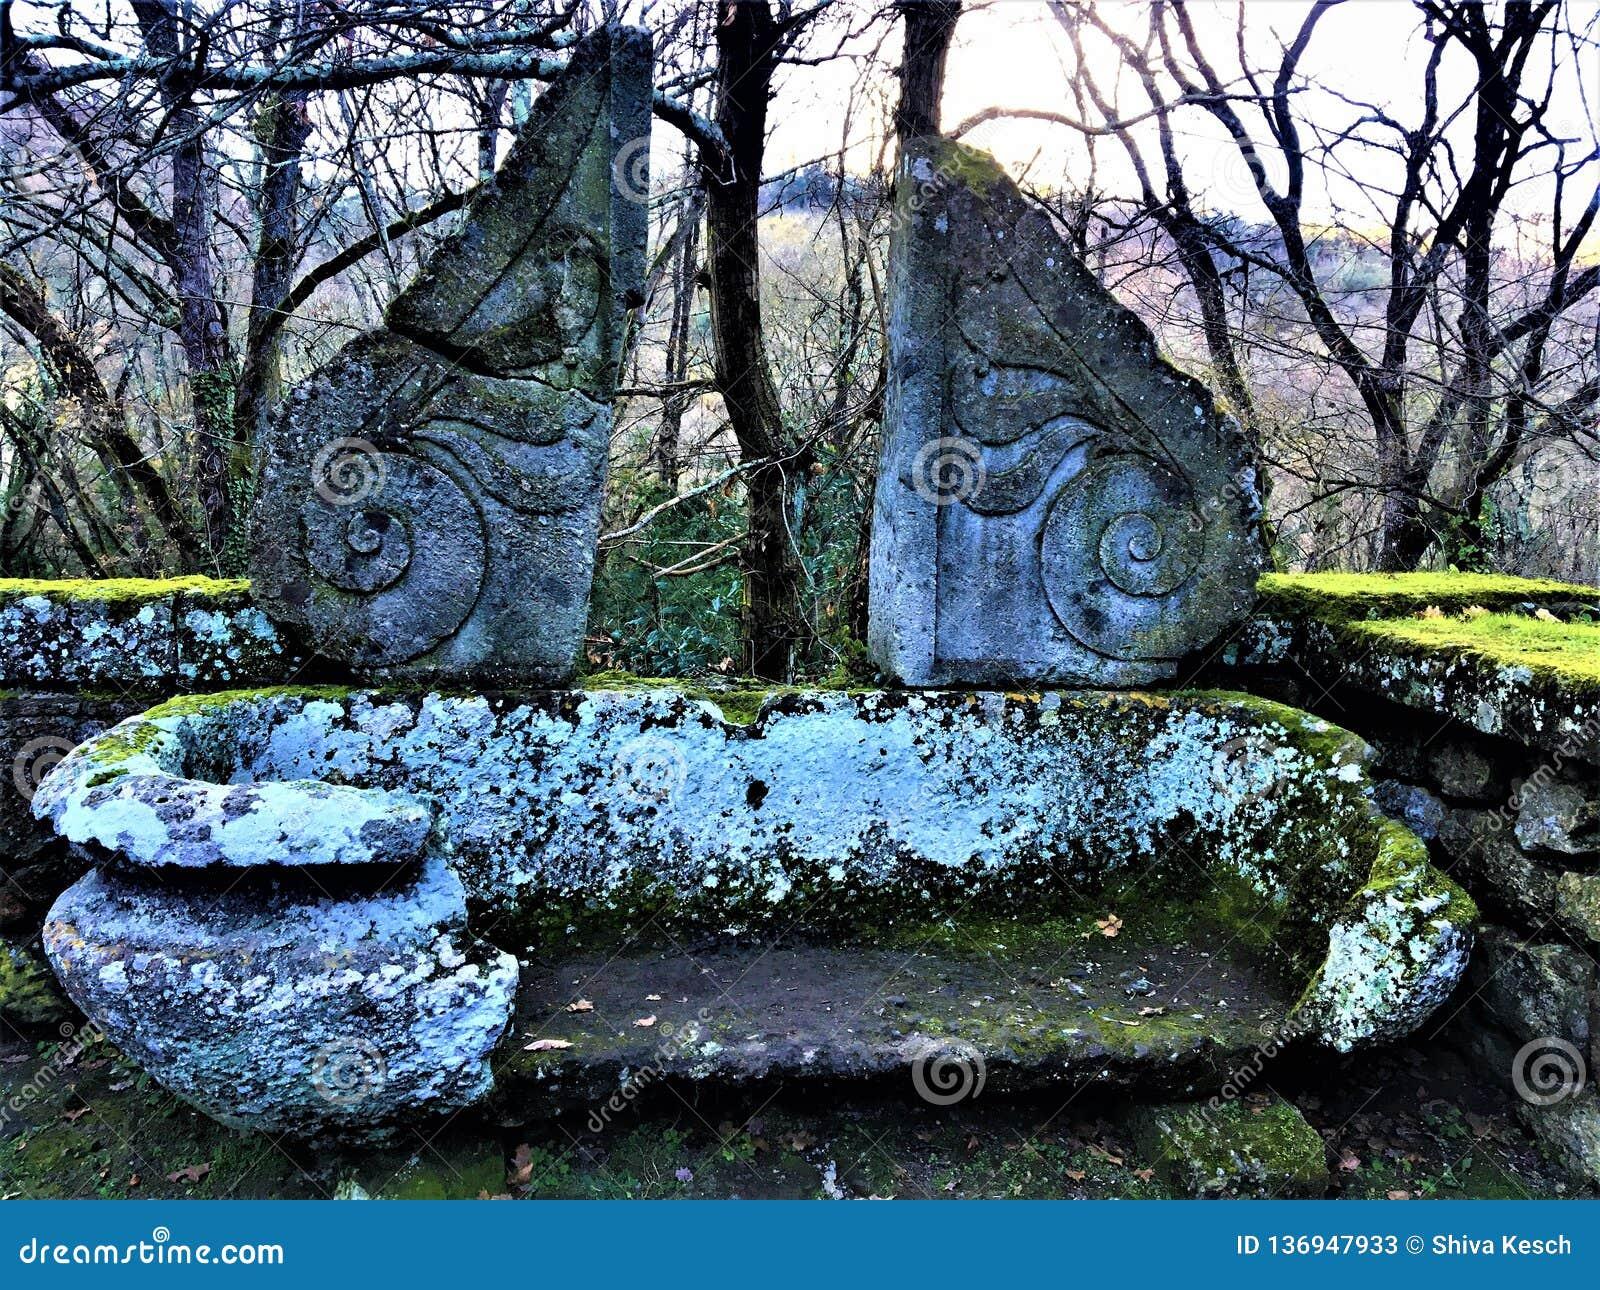 Parc des monstres, verger sacré, jardin de Bomarzo Baquet antique et de cru, décoration et alchimie